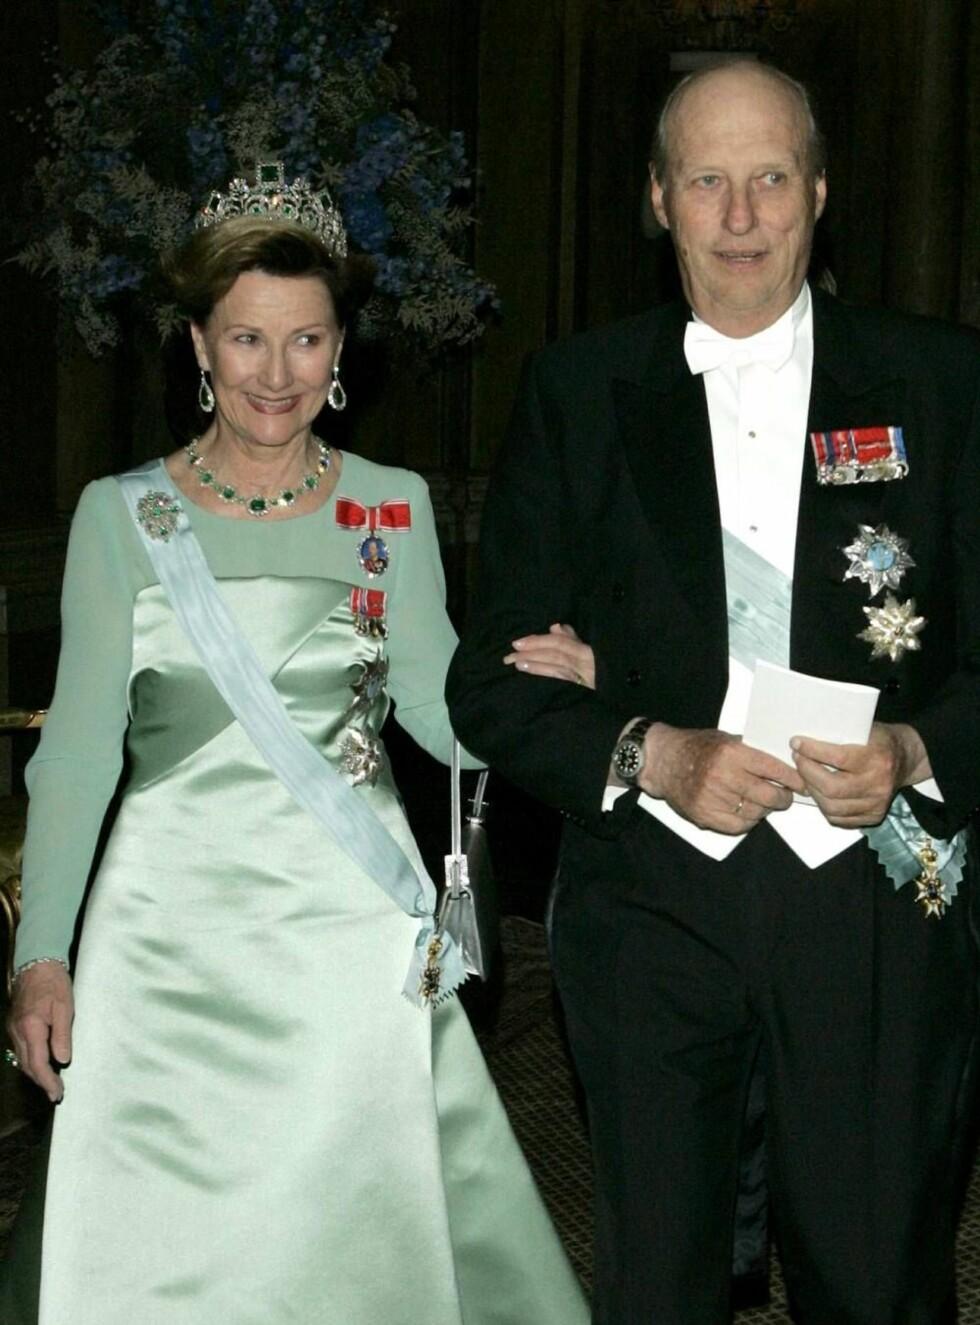 VERTSKAP: Kong Harald og dronning Sonja ønsker tirsdag Bulgarias president og frue velkommen til Norge. Foto: All Over Press